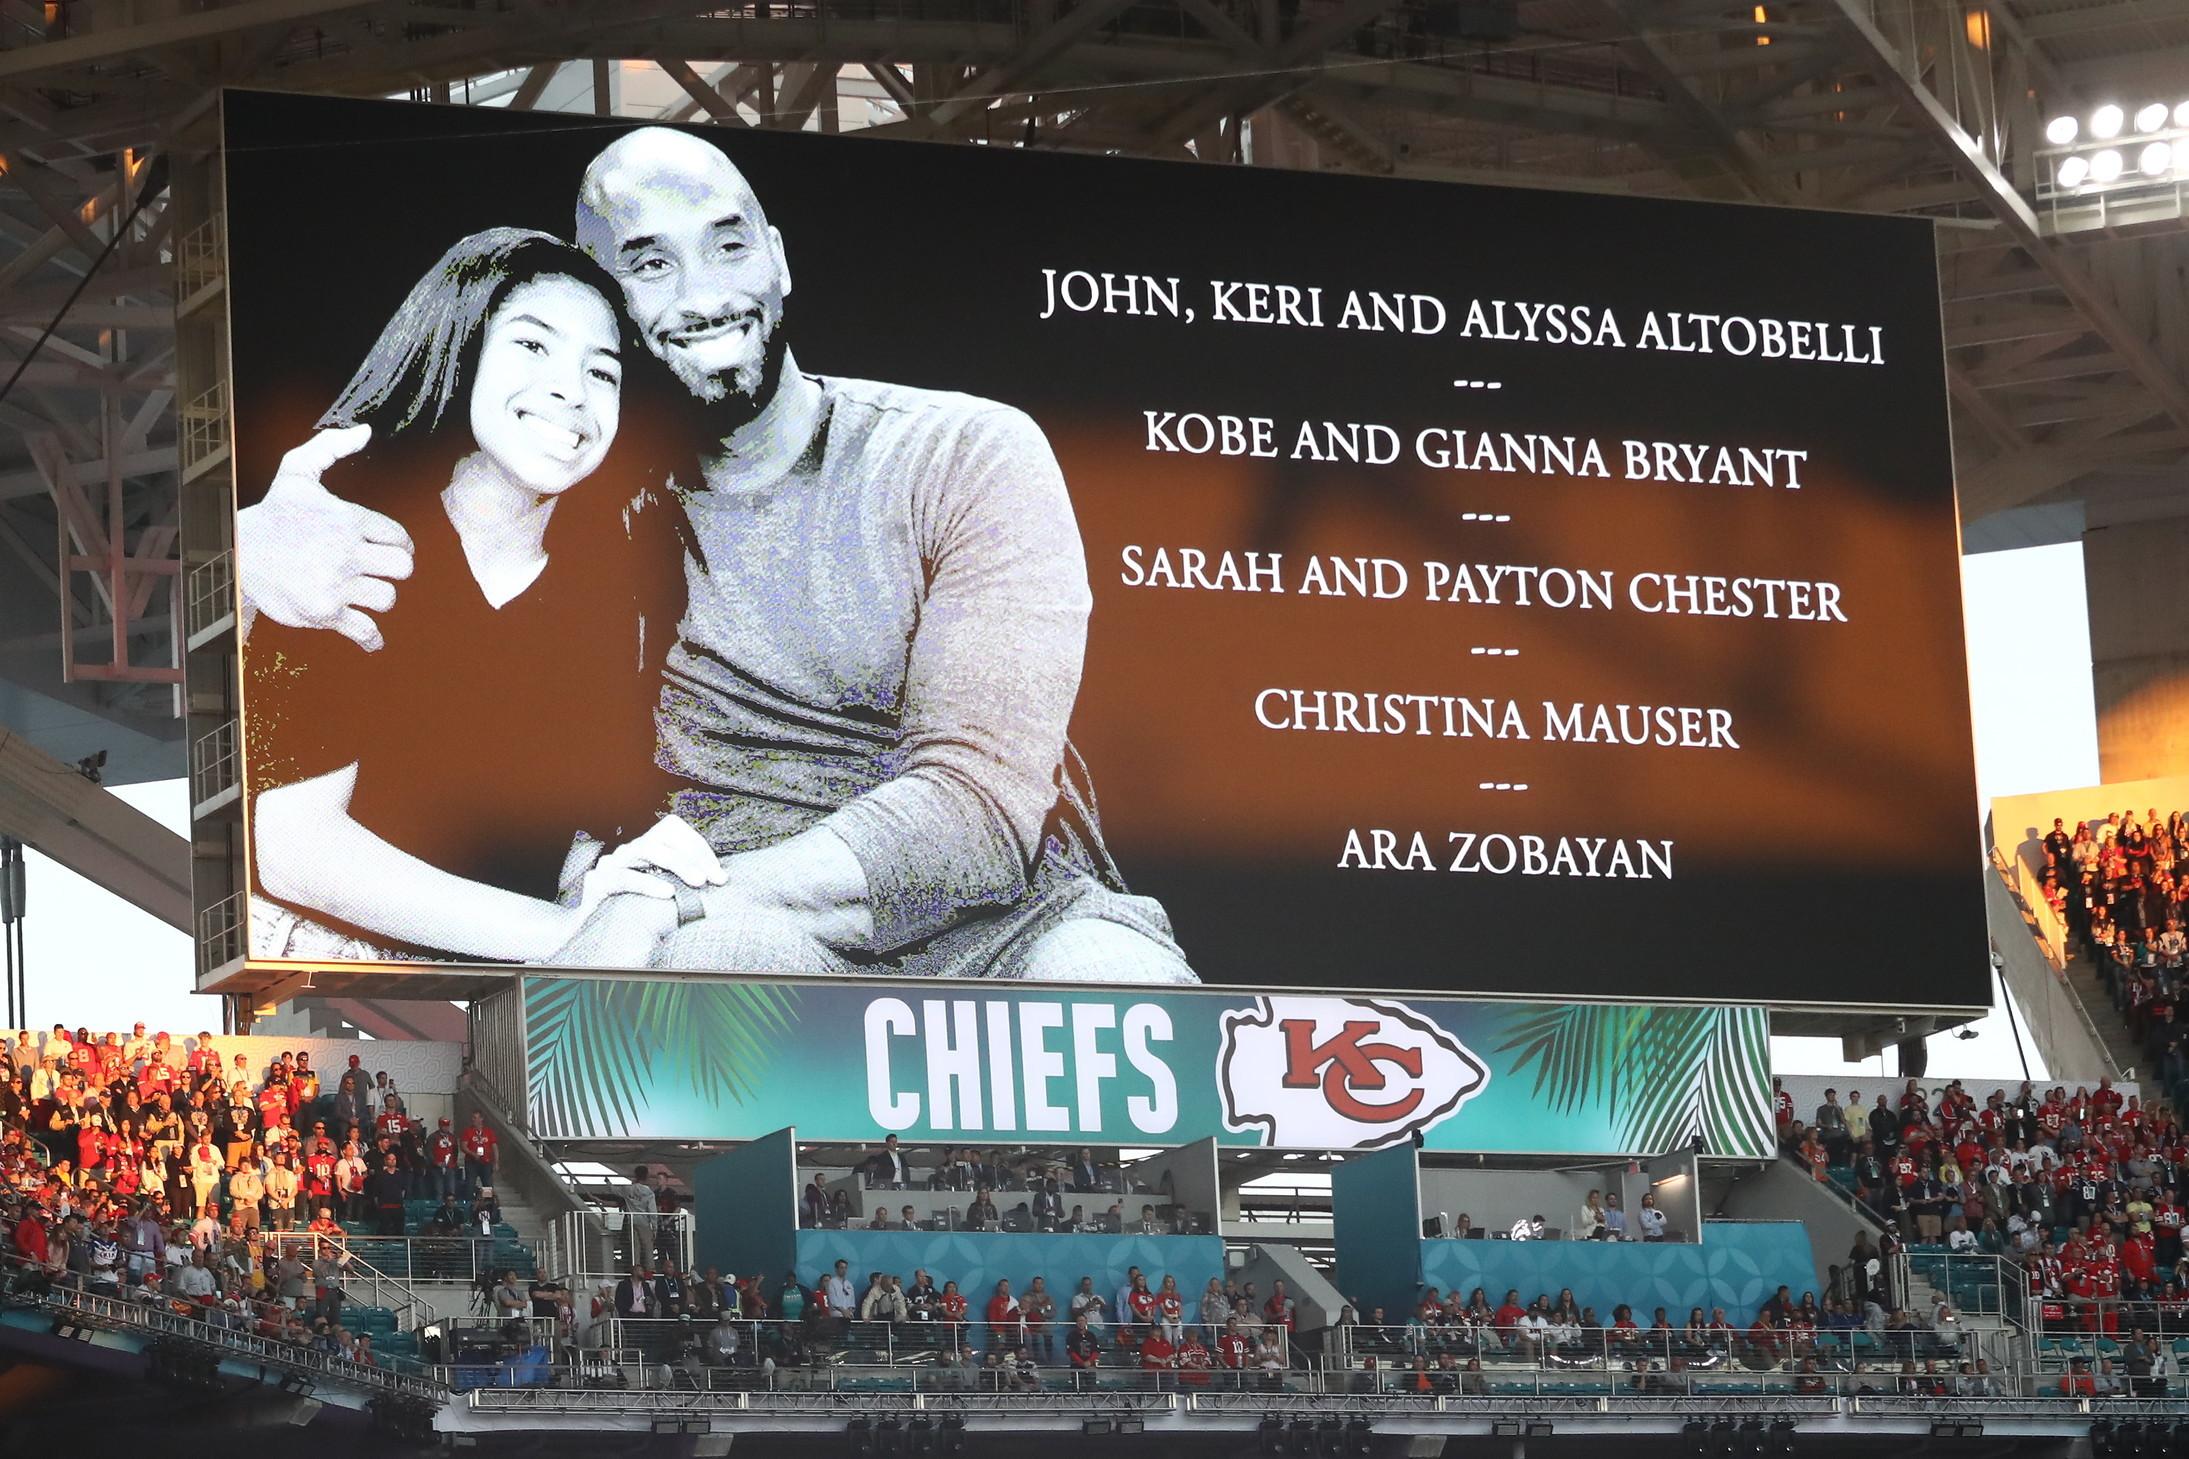 Doverosoil tributo aKobe Bryantprima dell'inizio del 54º Super Bowl tra Chiefs e 49ers. La stella del basket è mortalo scorso 26 gennaio in un tragico incidente con il suo elicottero. A bordo con lui altre 8 persone, tra cui sua figlia Gianna.